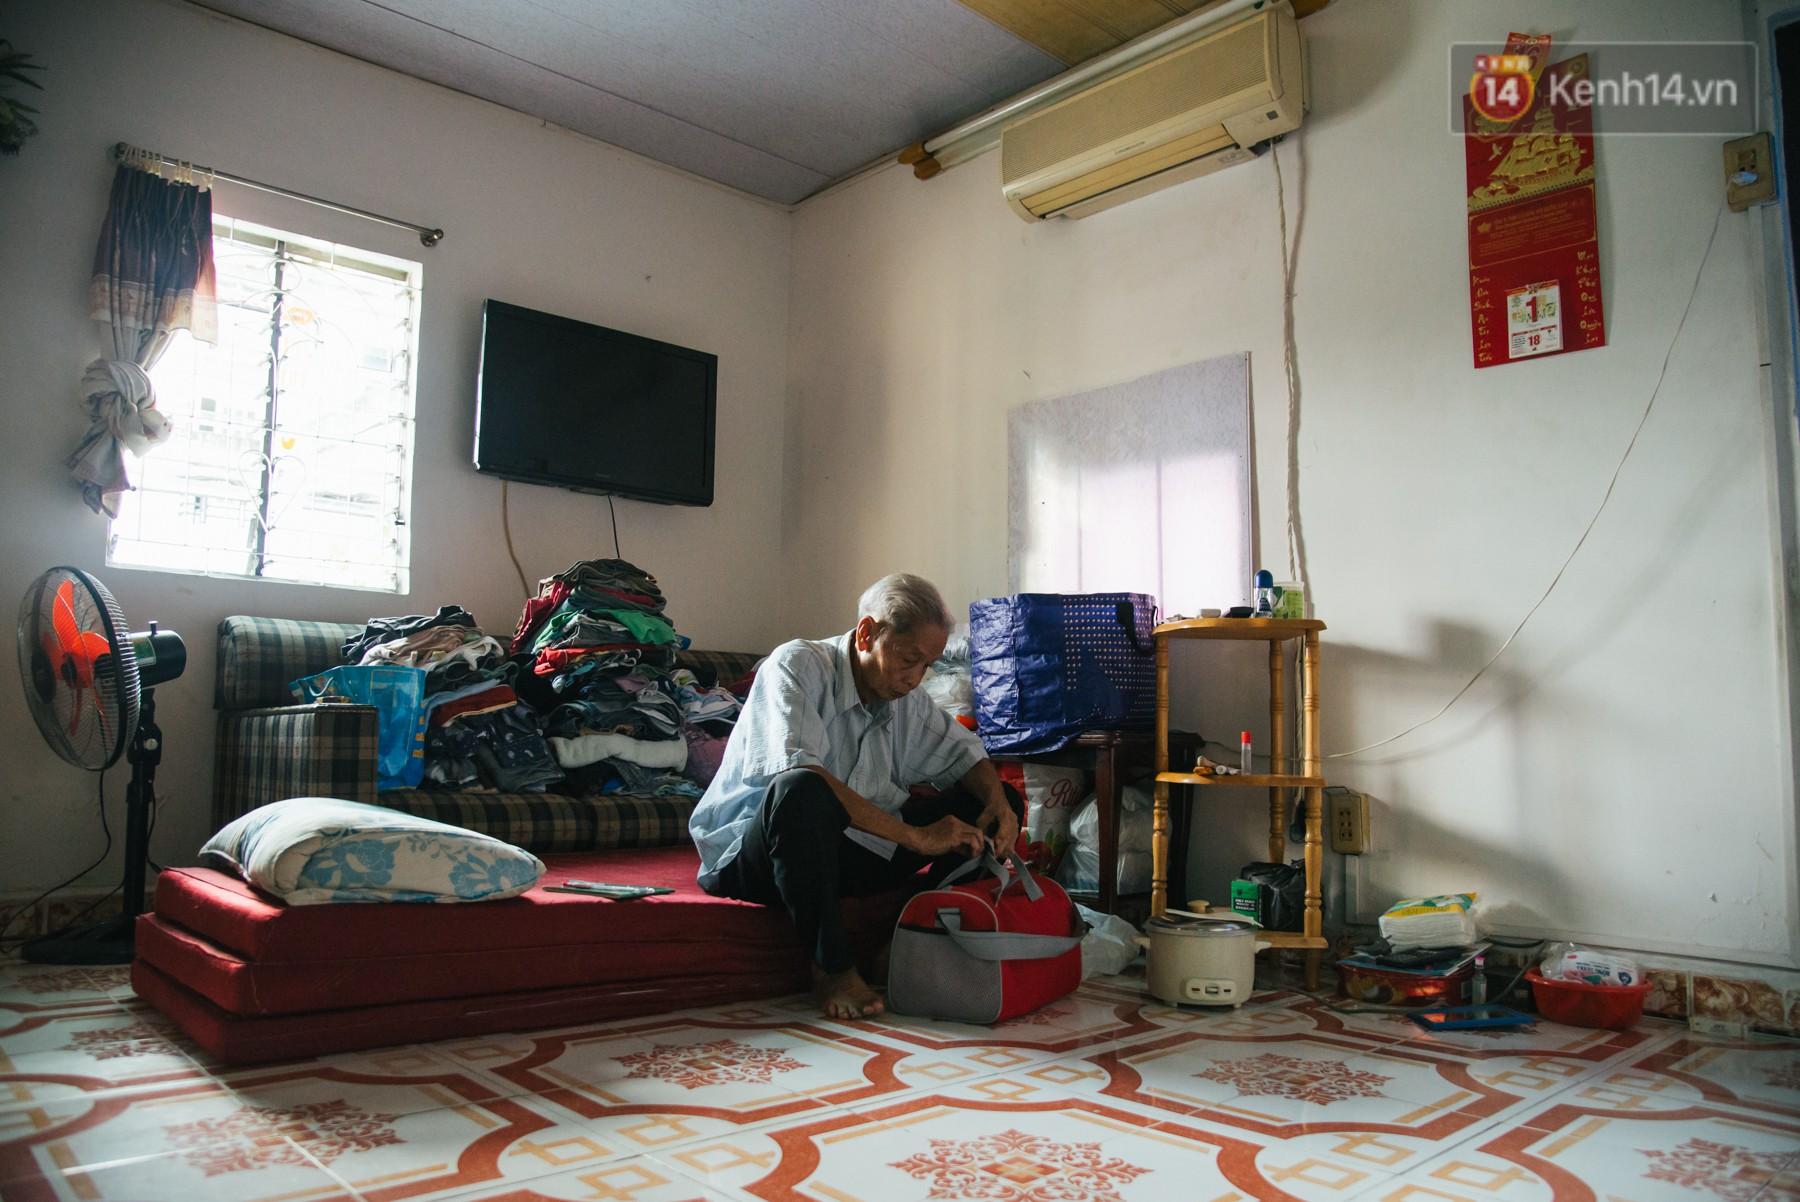 Chuyện ông cụ 77 tuổi ngồi ở thư viện Sài Gòn từ sáng đến tối mịt: Ăn cơm từ thiện, luyện học tiếng Anh - Ảnh 10.